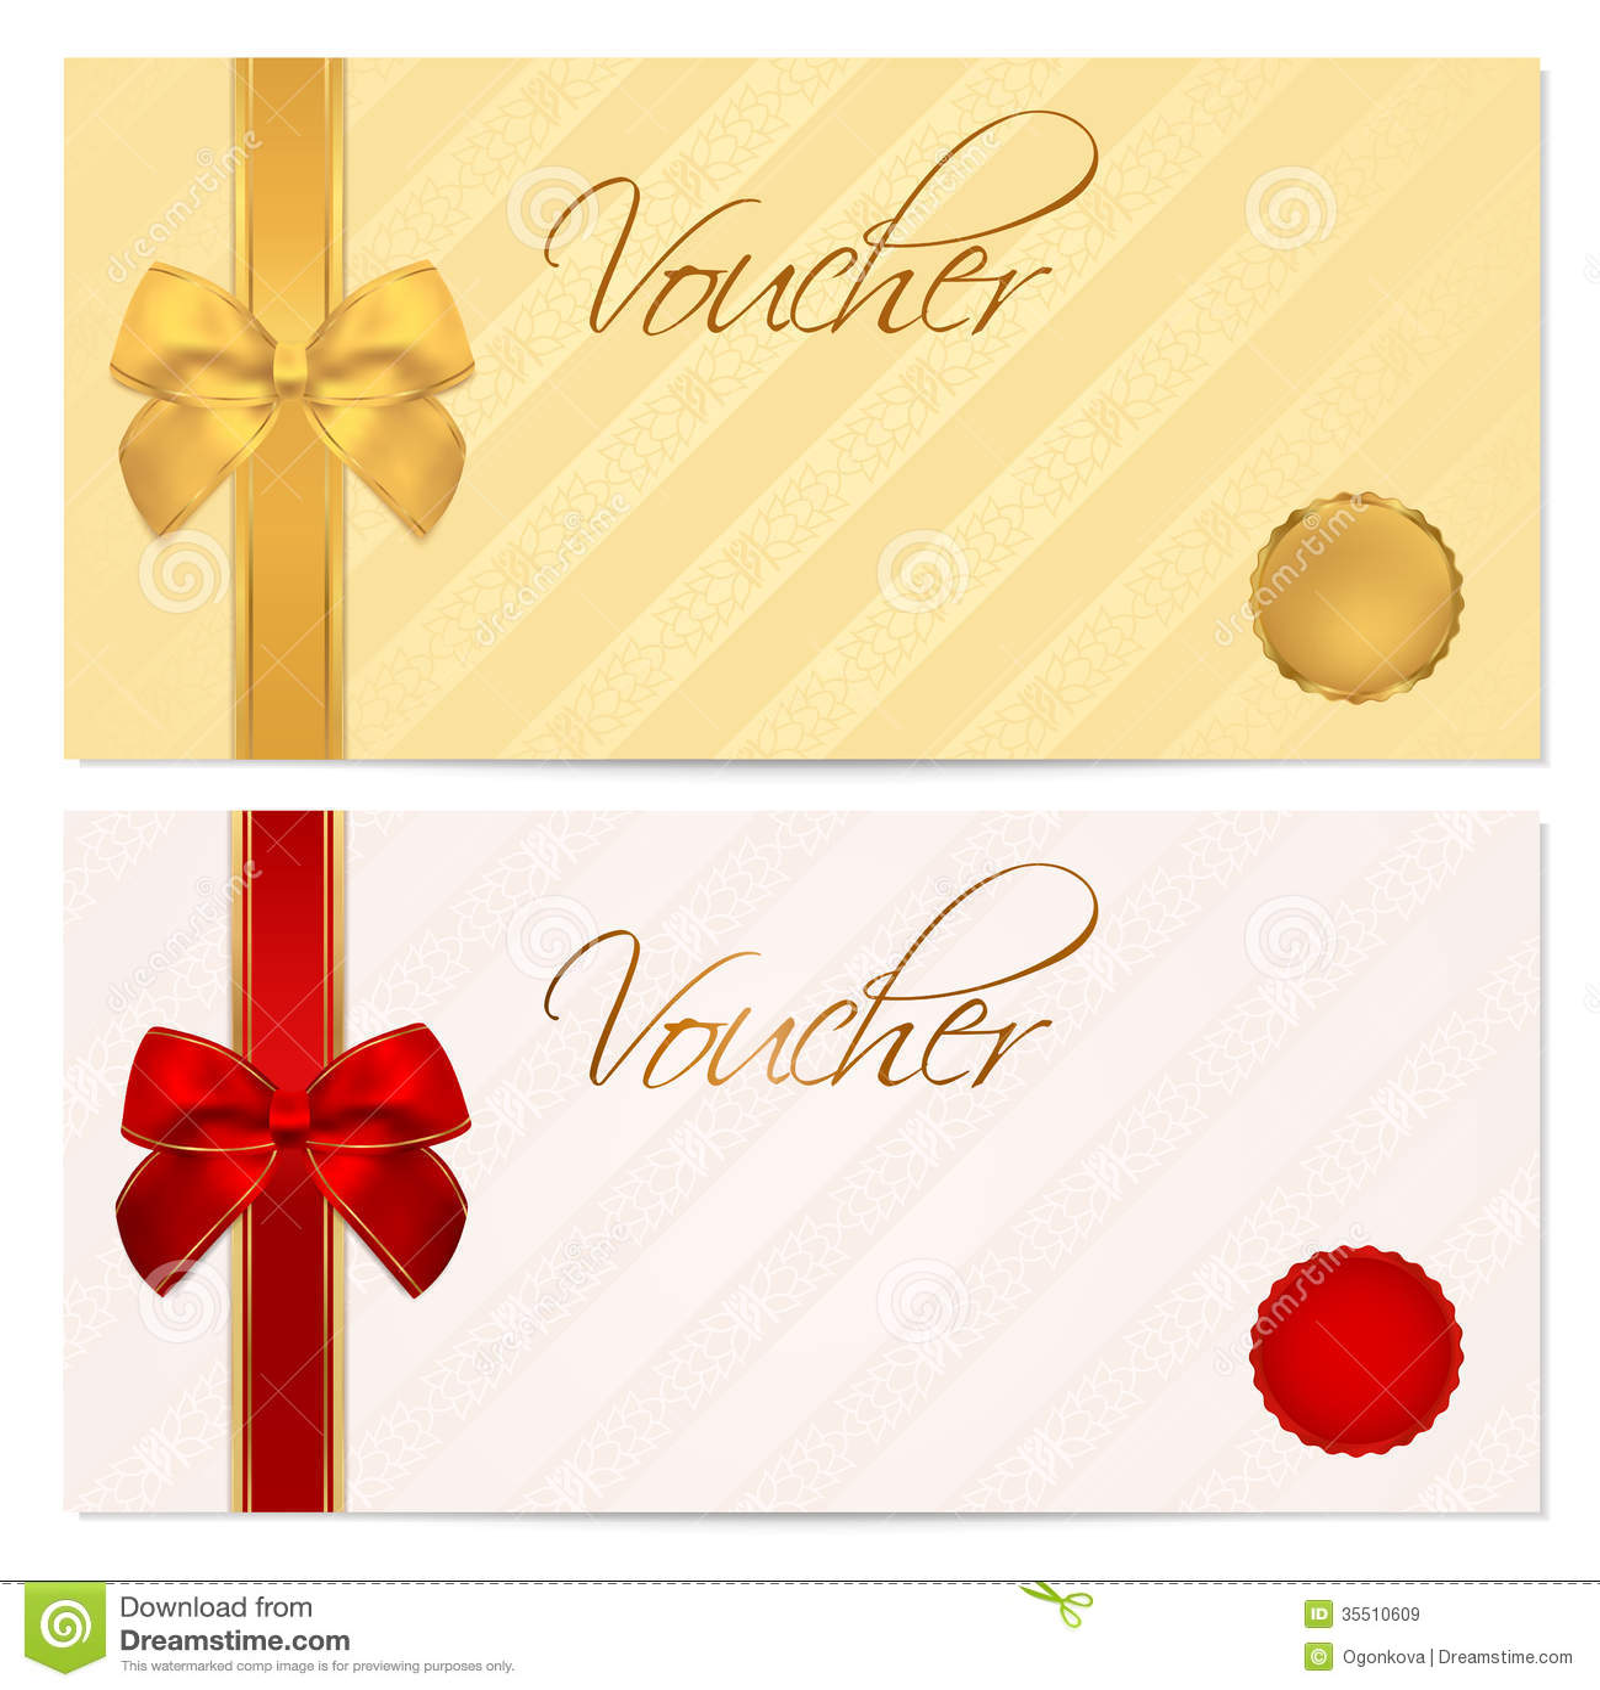 Подарочный купон шаблон скачать бесплатно